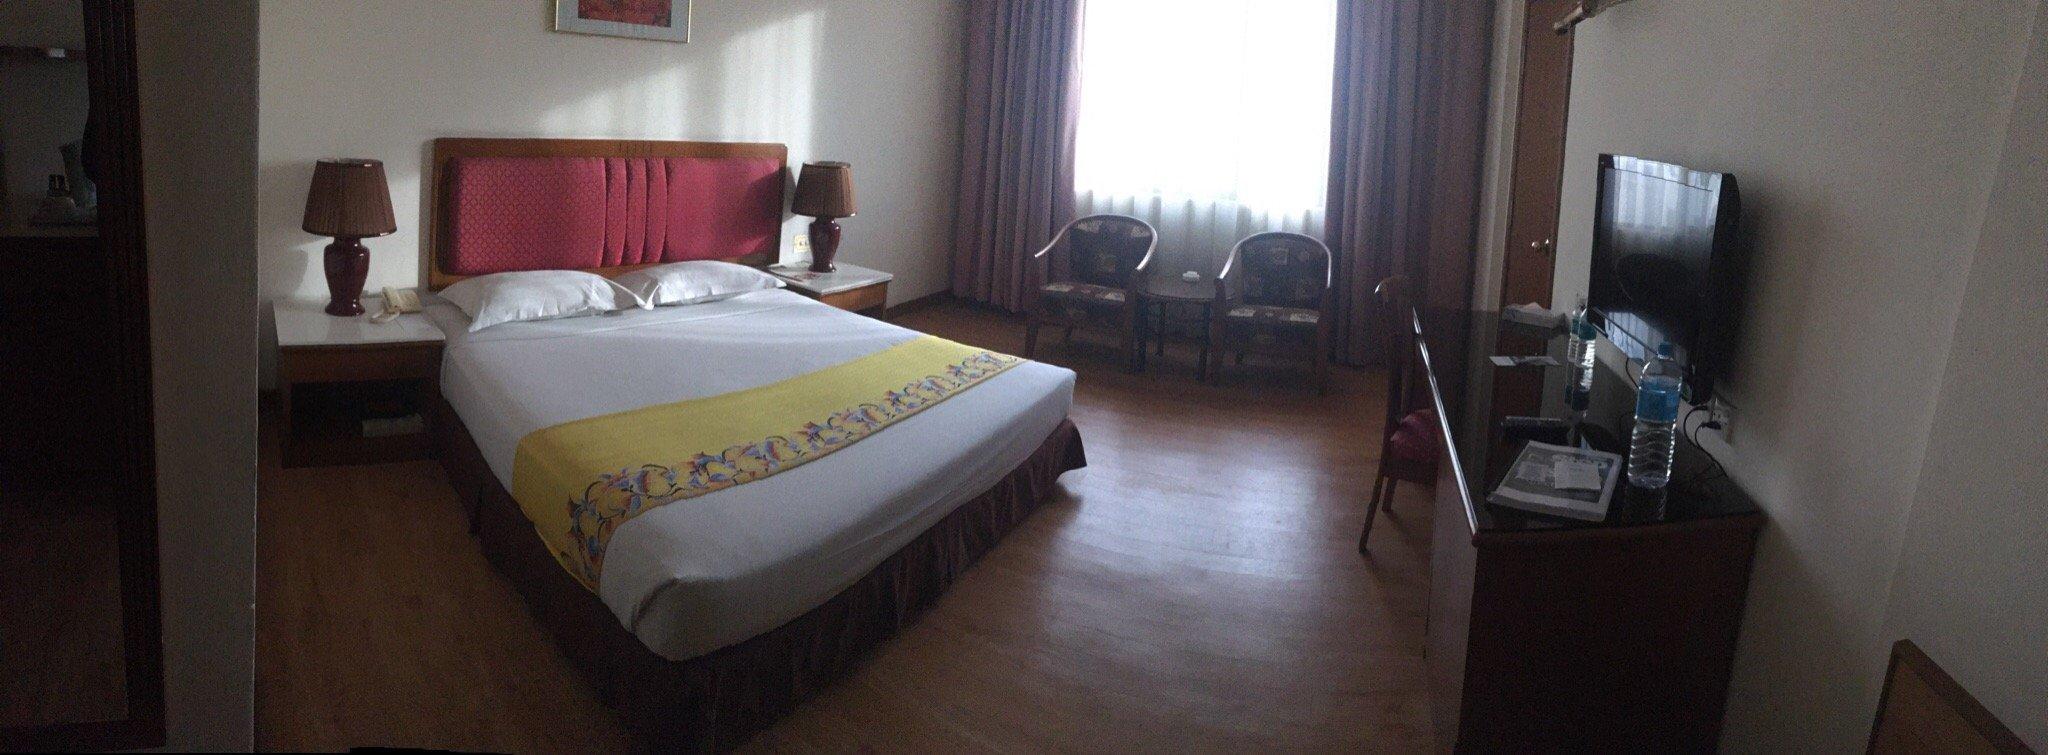 โรงแรมคริสตัลคราวน์